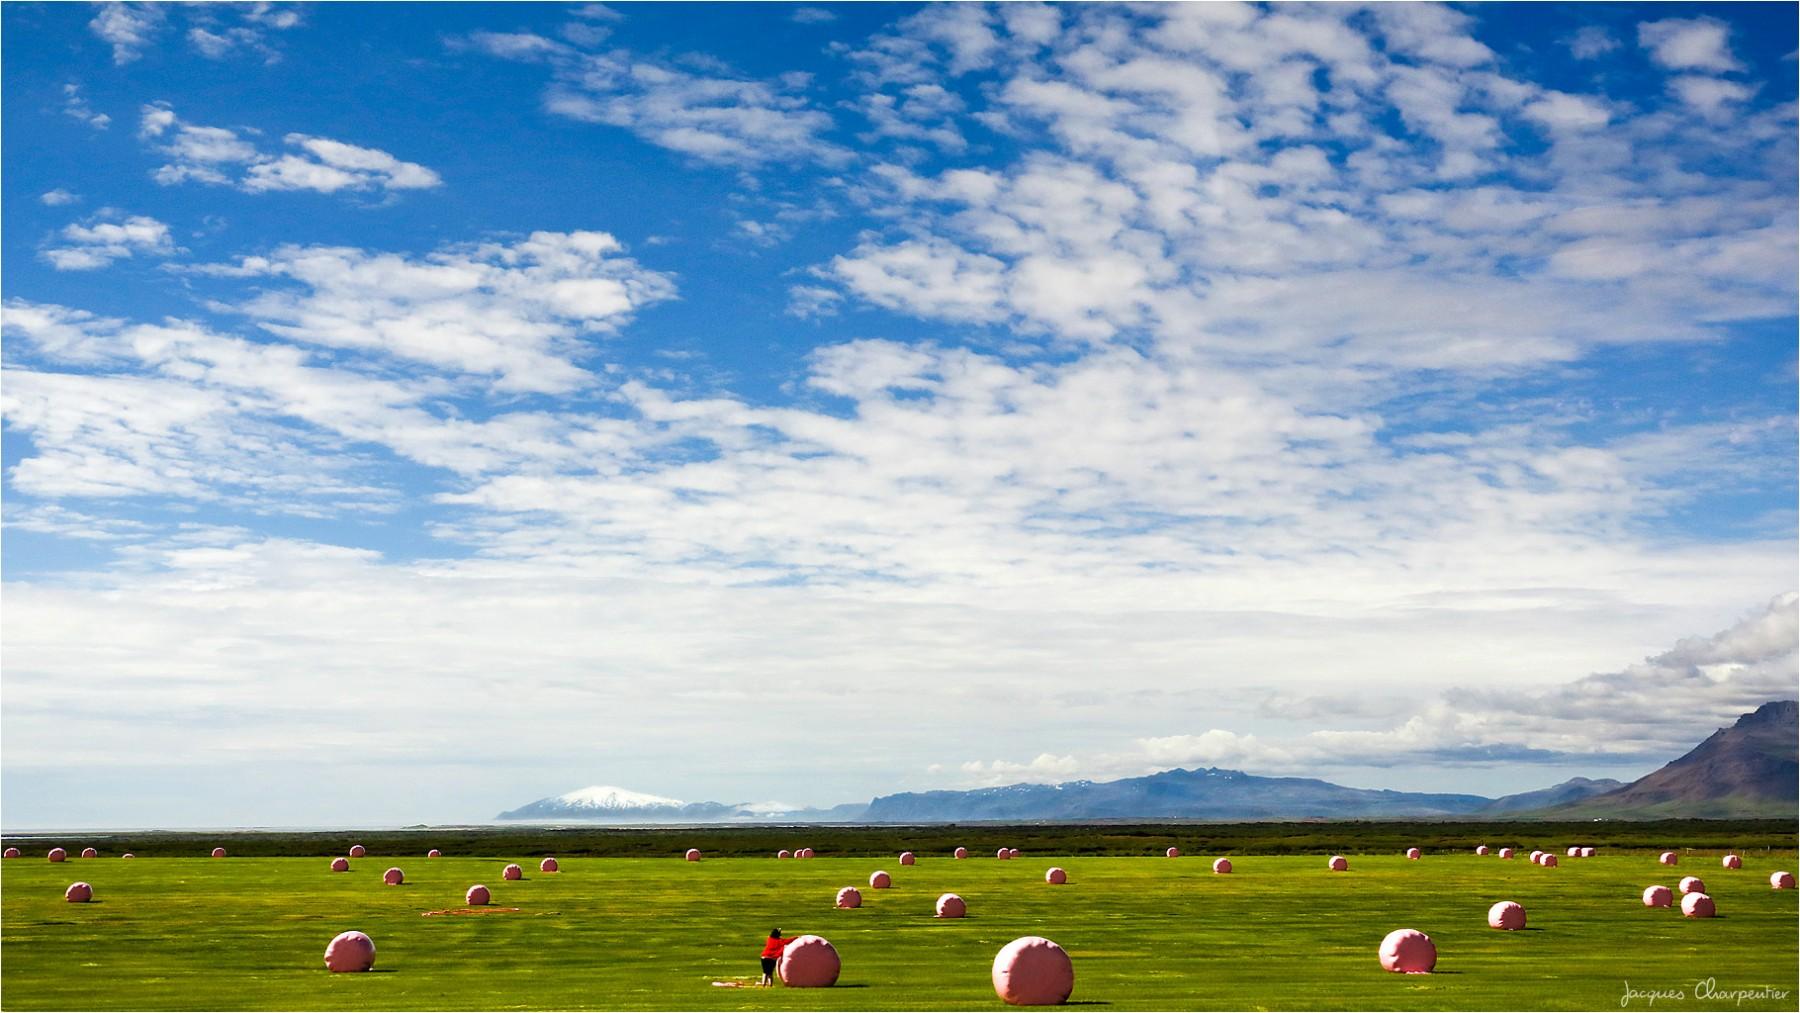 Le gilet rouge, Islande 2016 © Jacques Charpentier